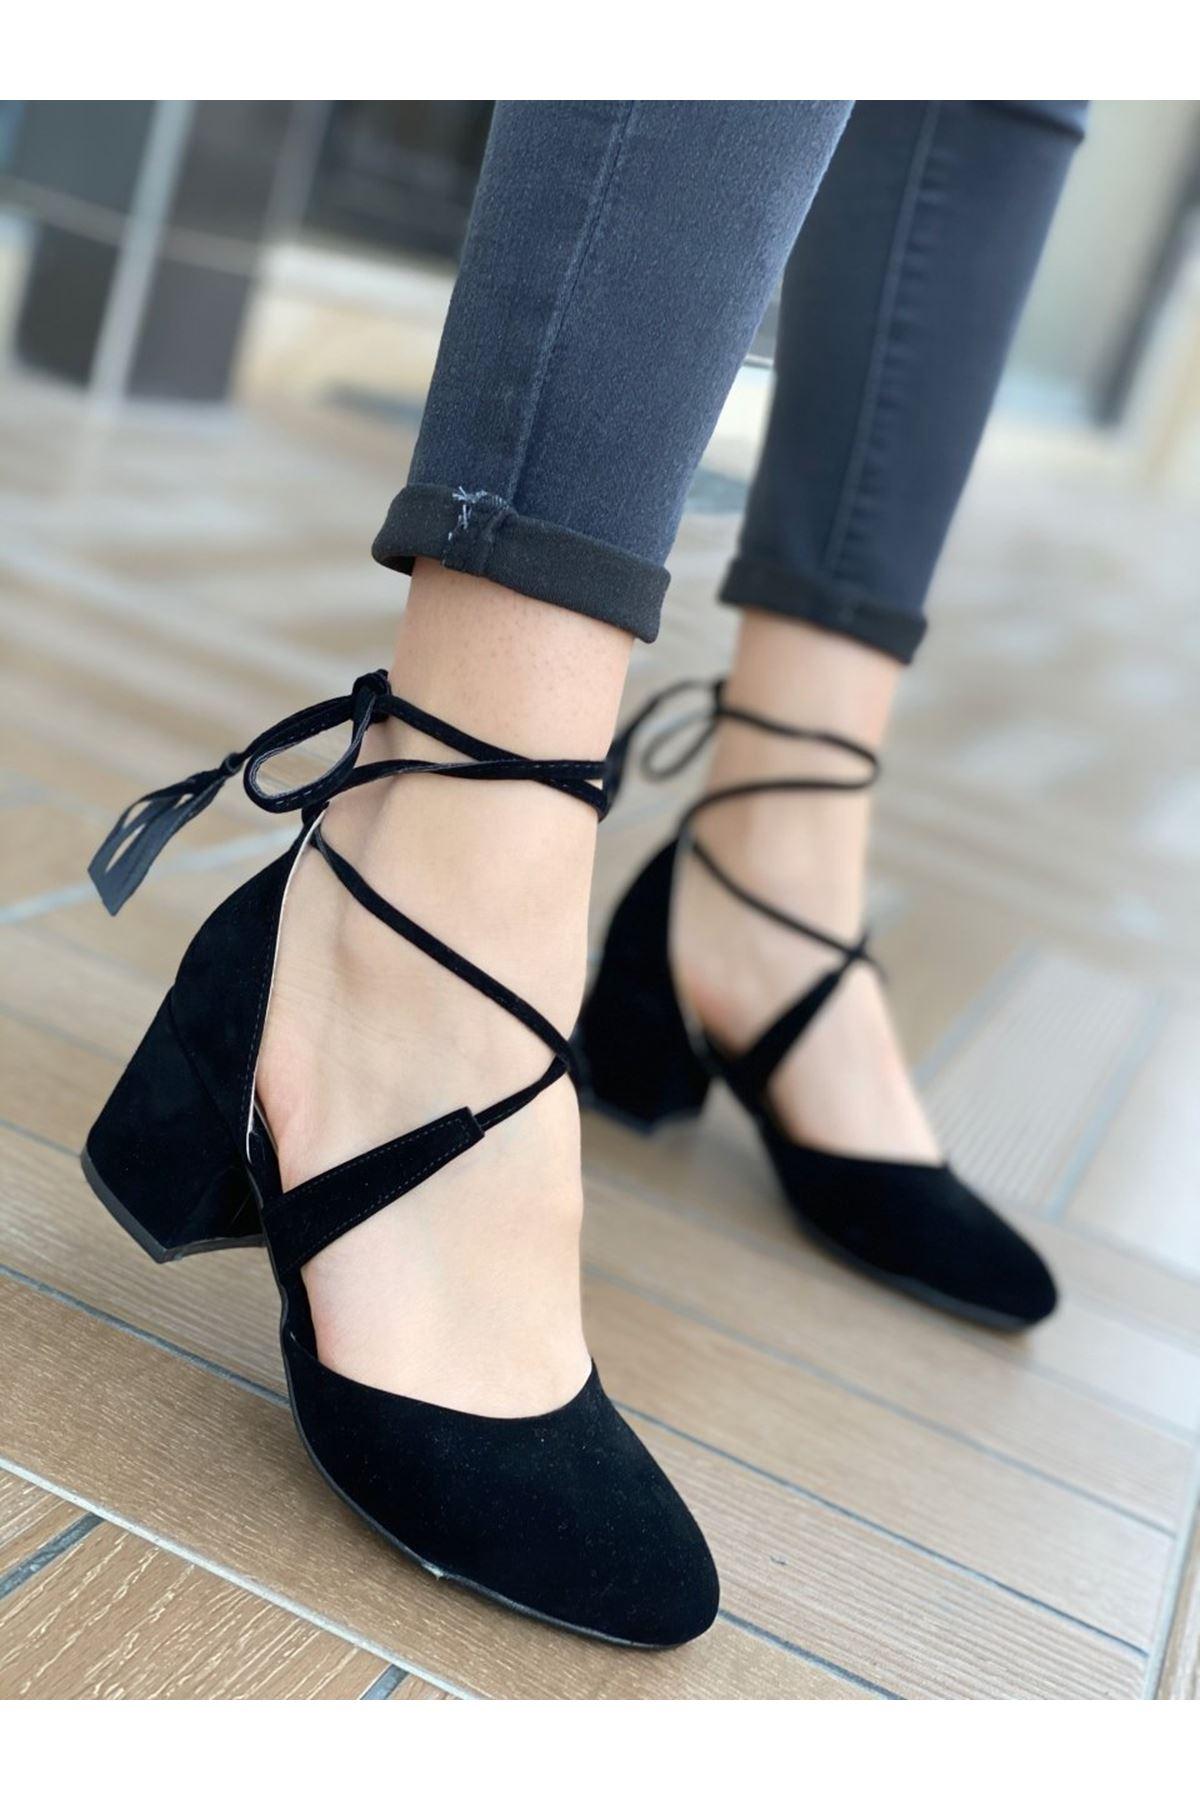 Kadın Vadde Kısa Topuklu Siyah Süet Ayakkabı